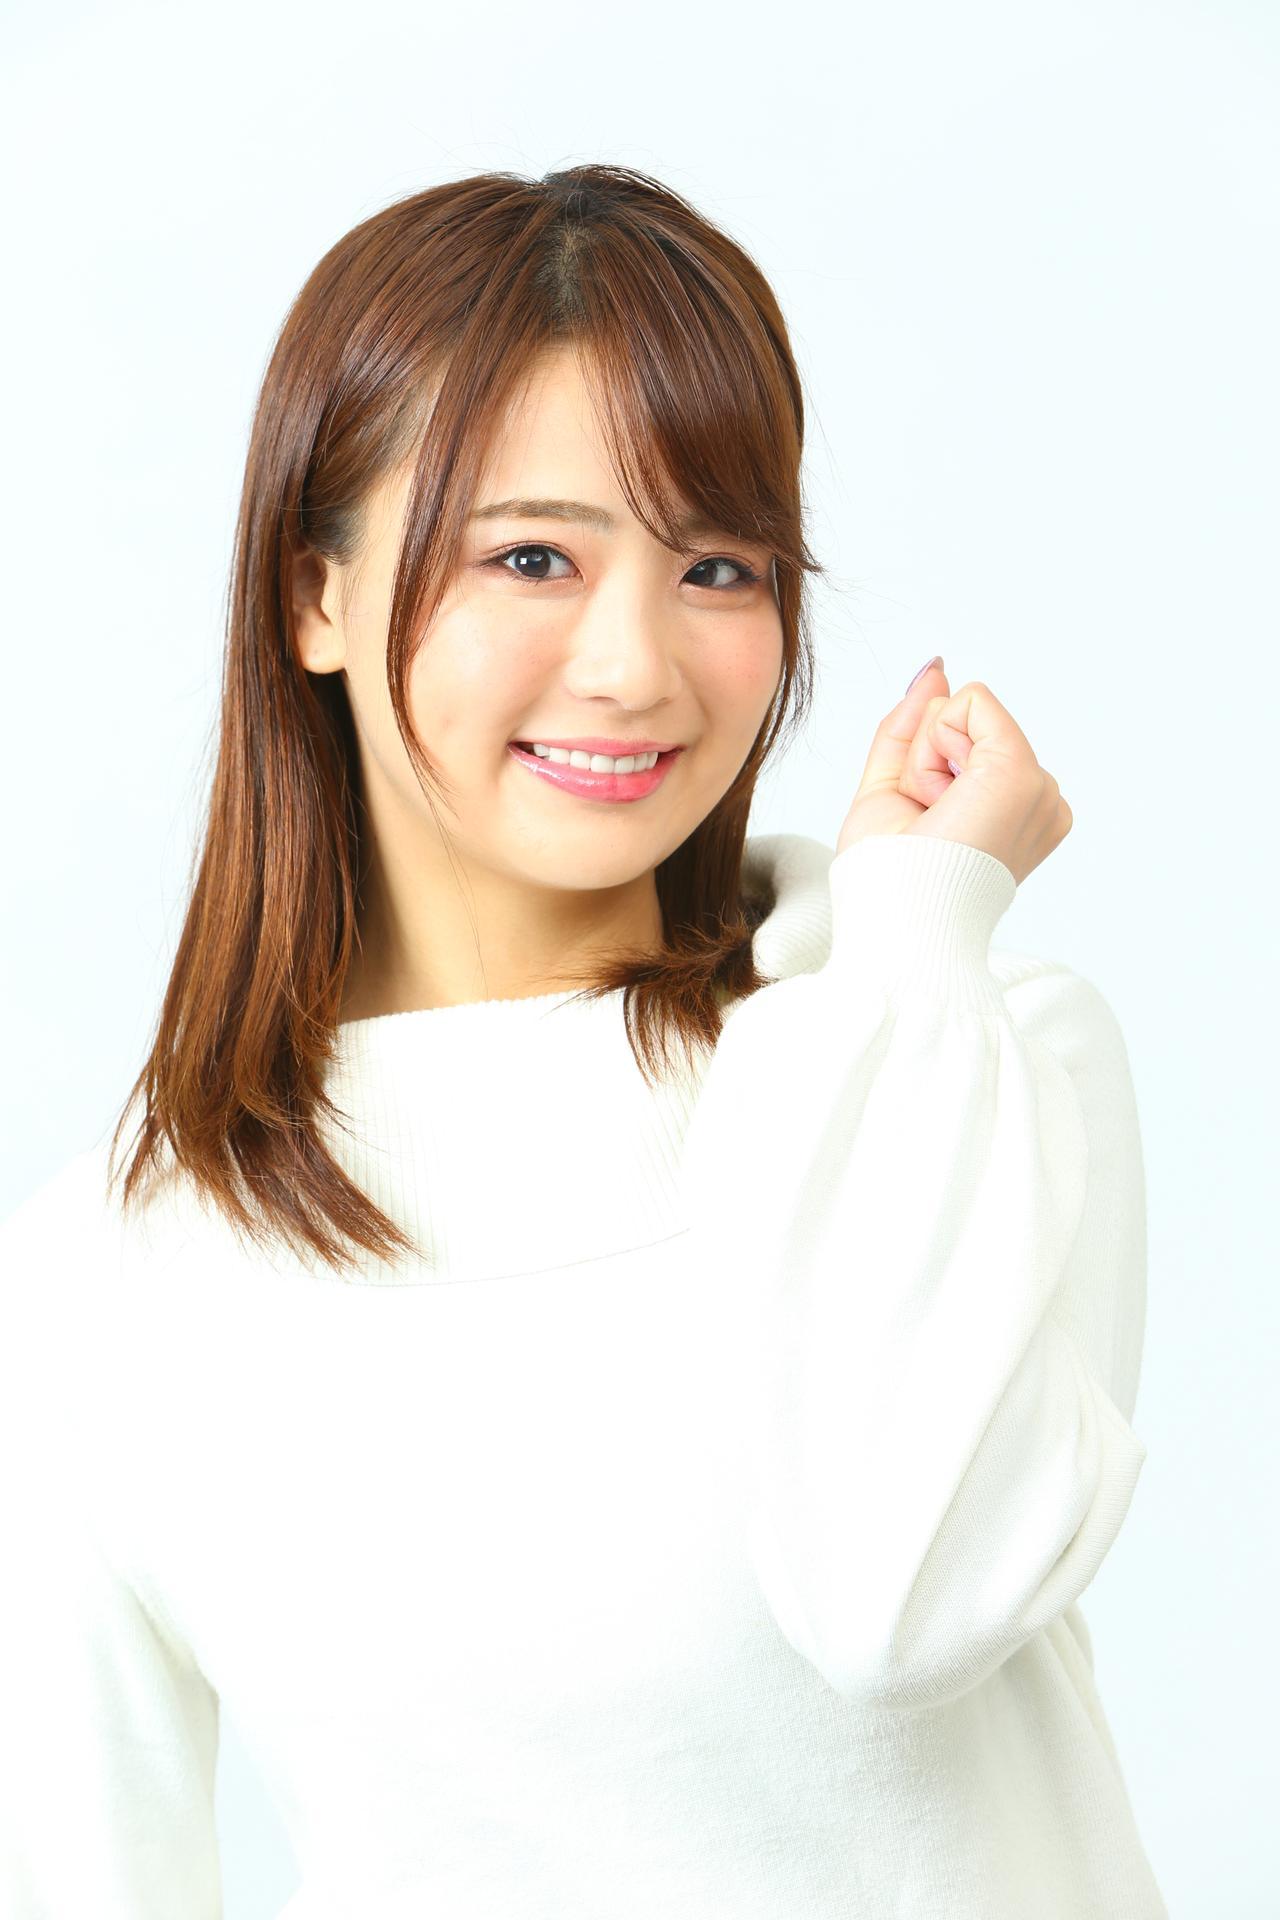 画像4: 平嶋夏海の「つま先メモリアル」(第5回:Suzuki KATANA)【ゆるふわ 3枚刃】